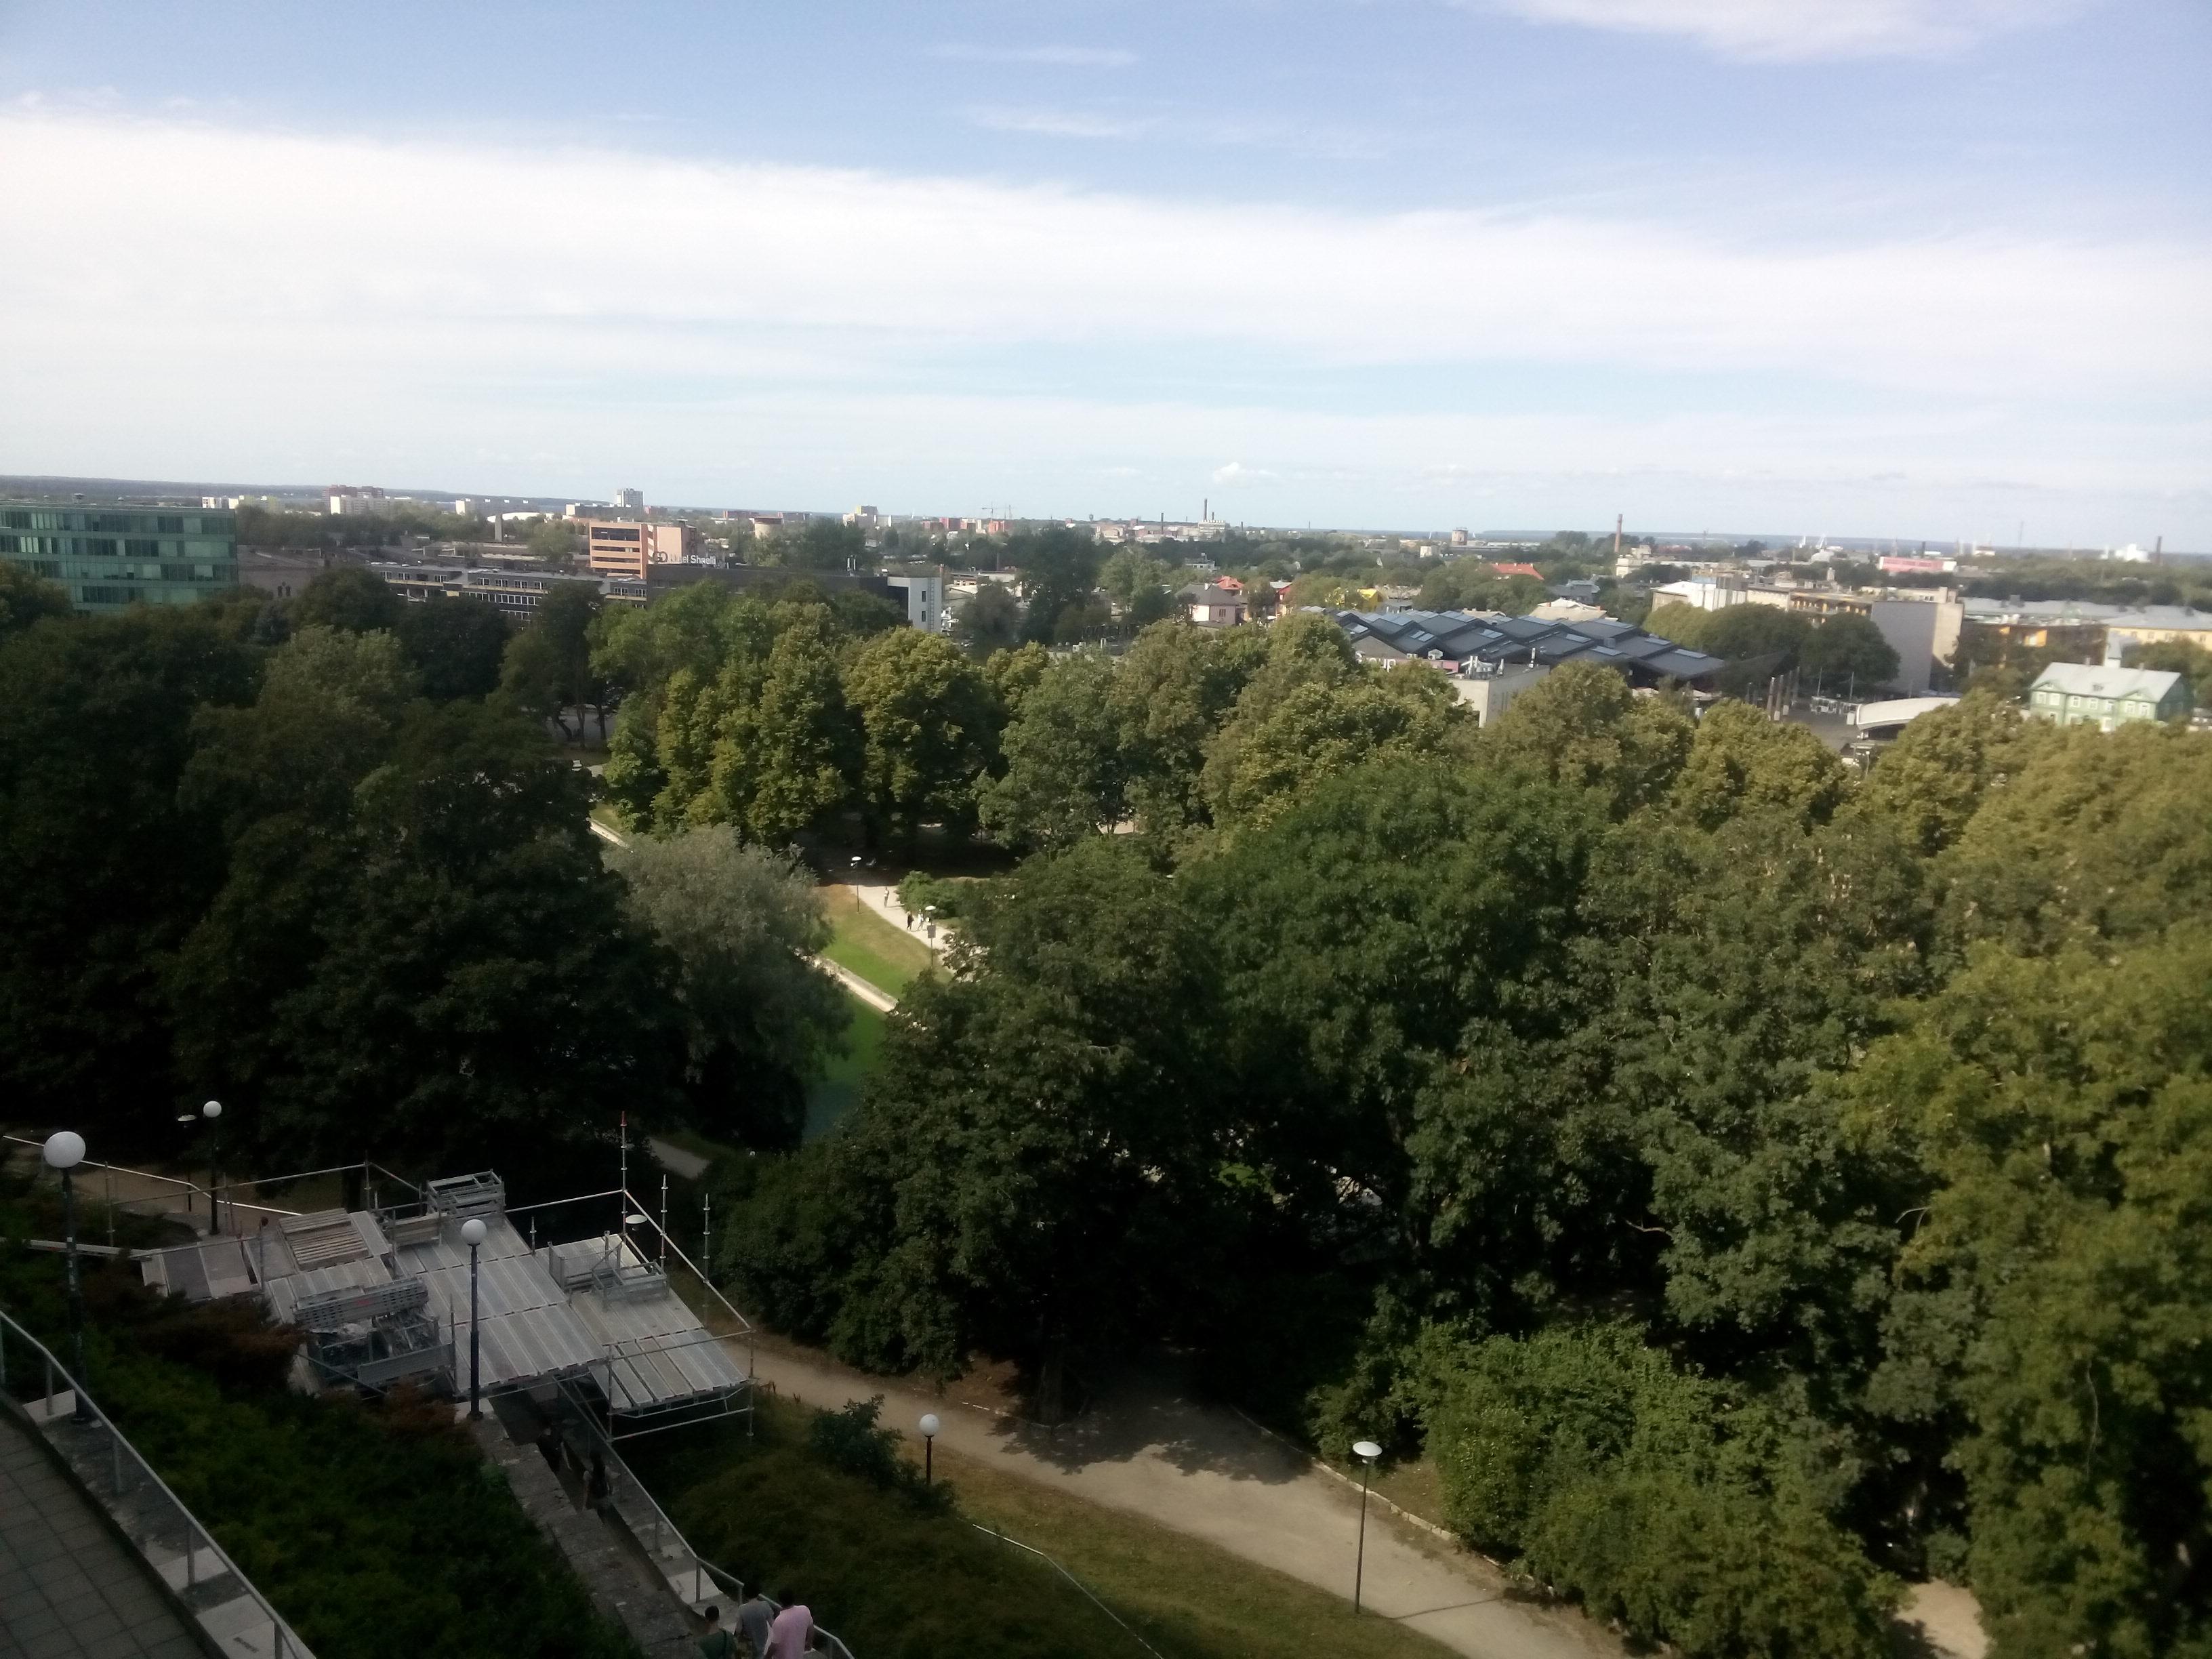 https://i.amy.gy/201808-estonia/IMG_20180811_134343.jpg